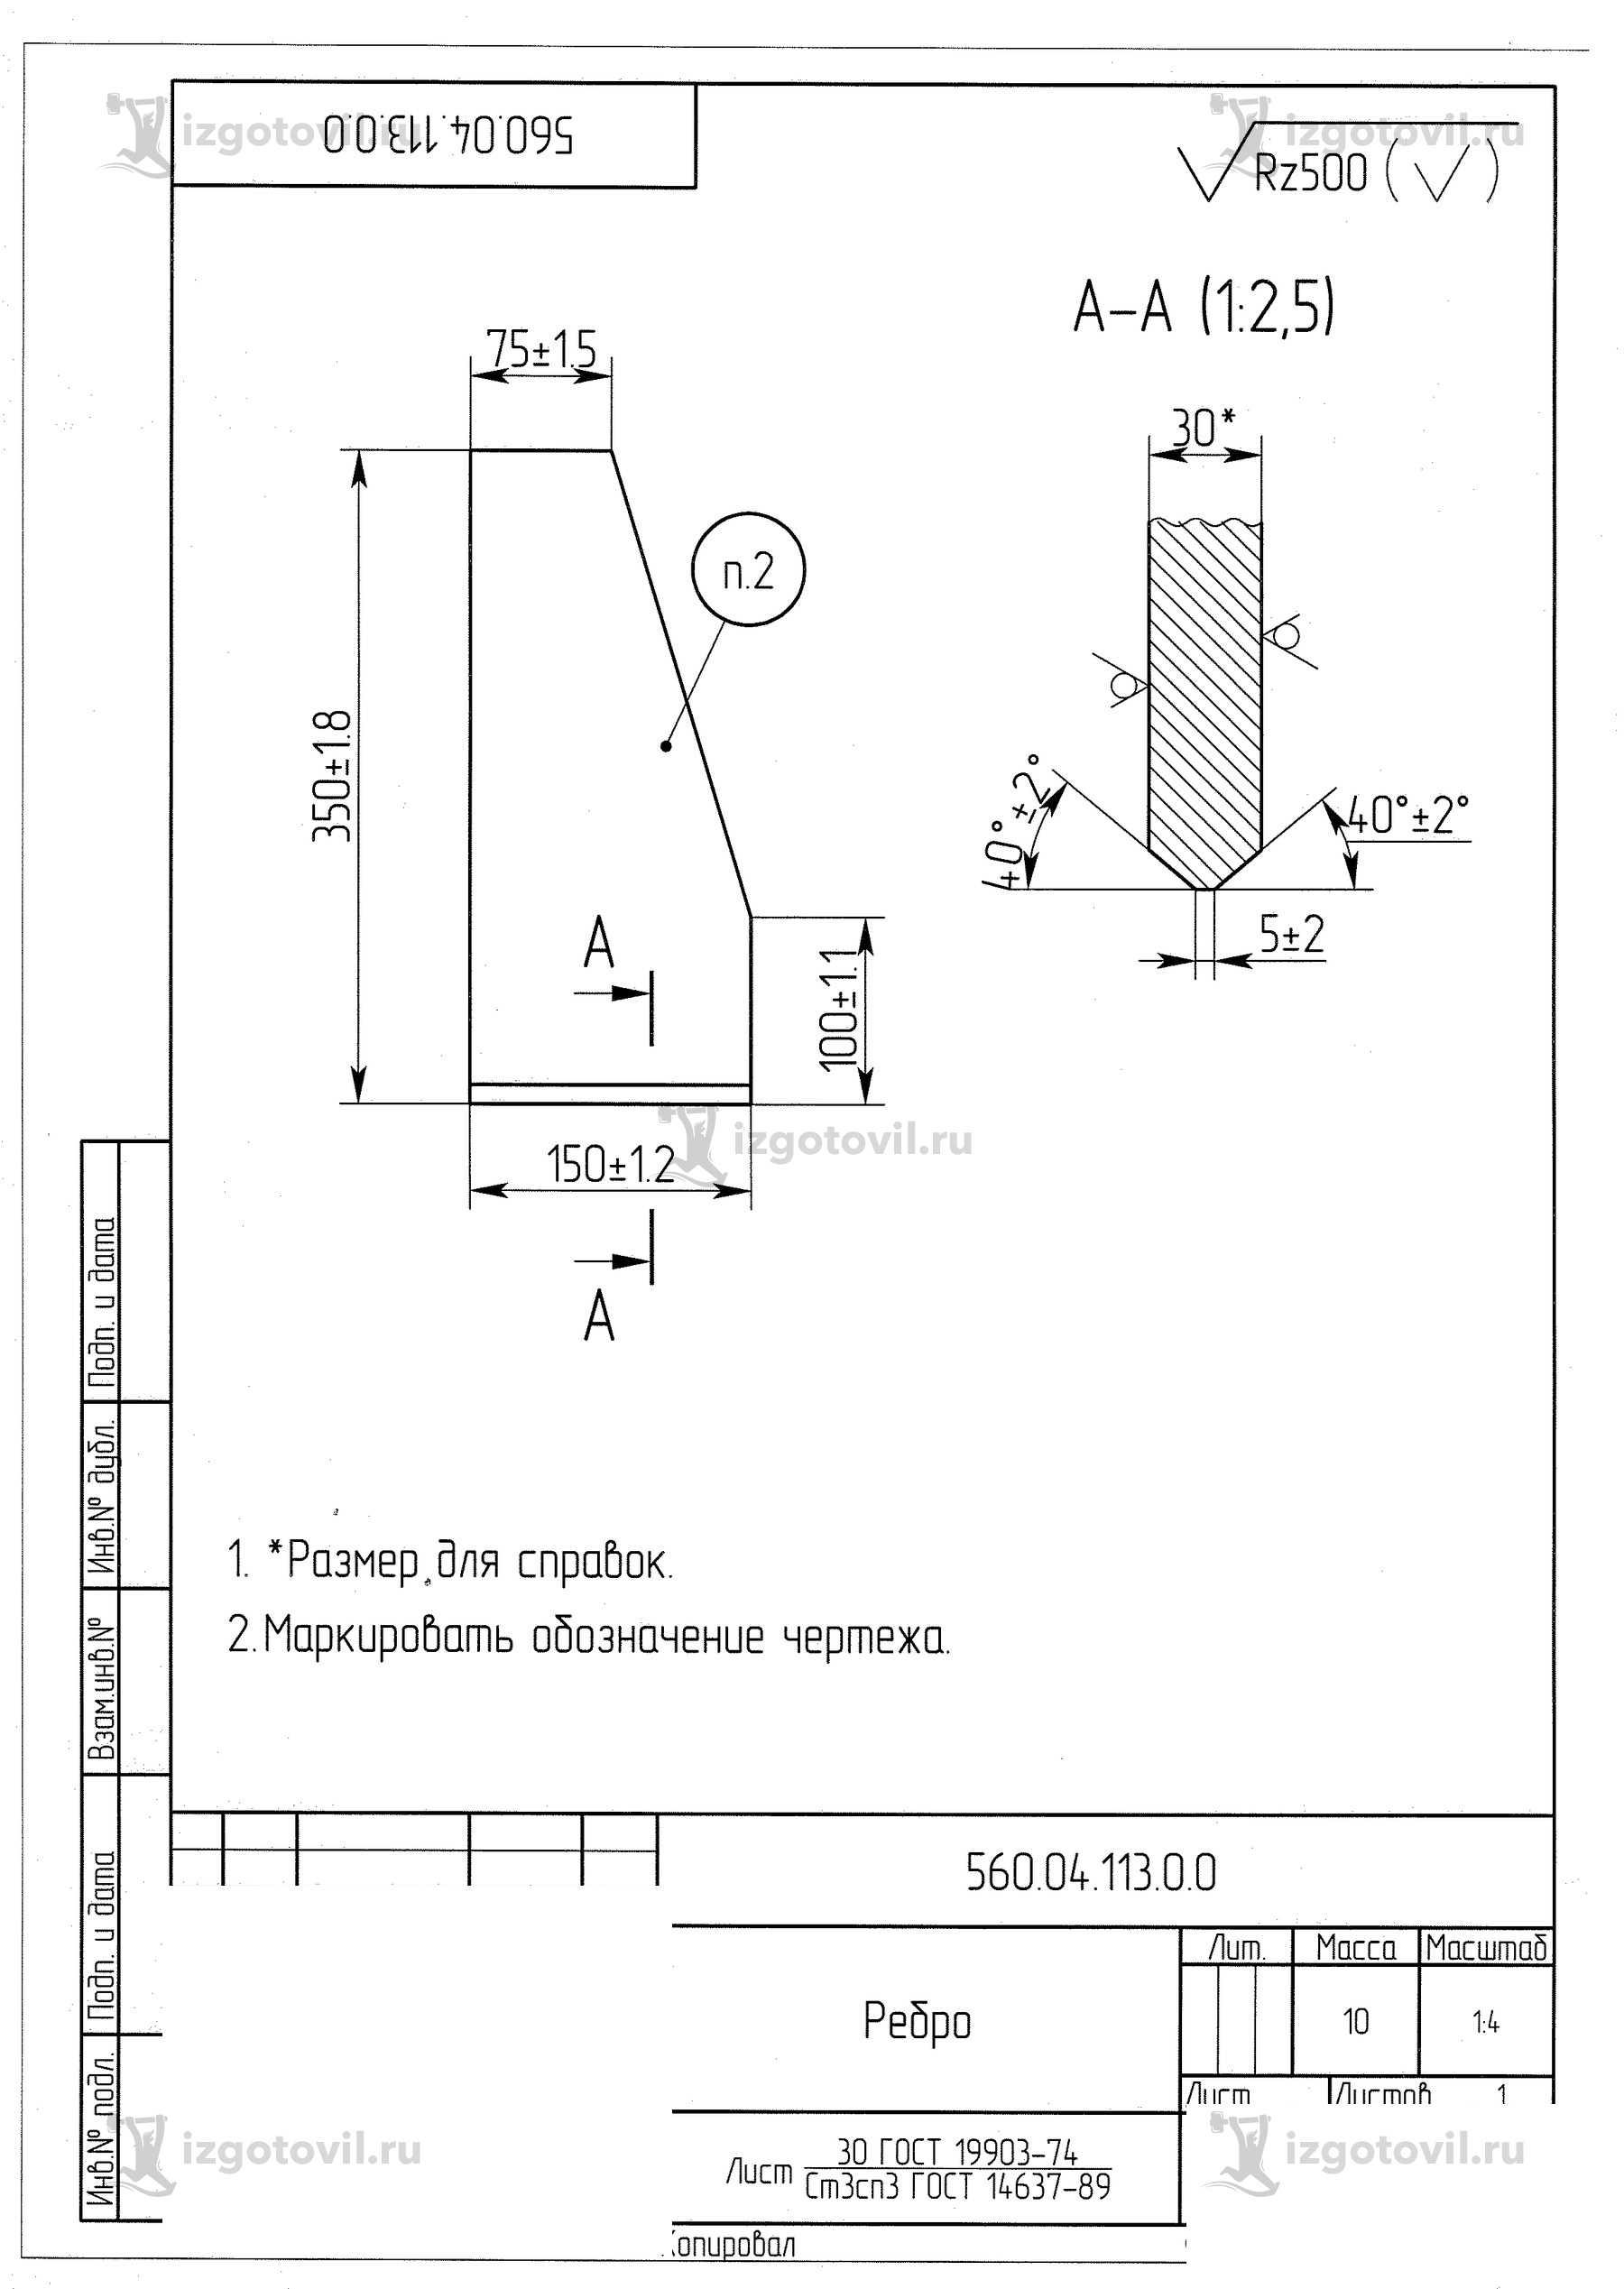 Изготовление деталей по чертежам - изготовление кронштейна, вкладыша, футеровки, плиты